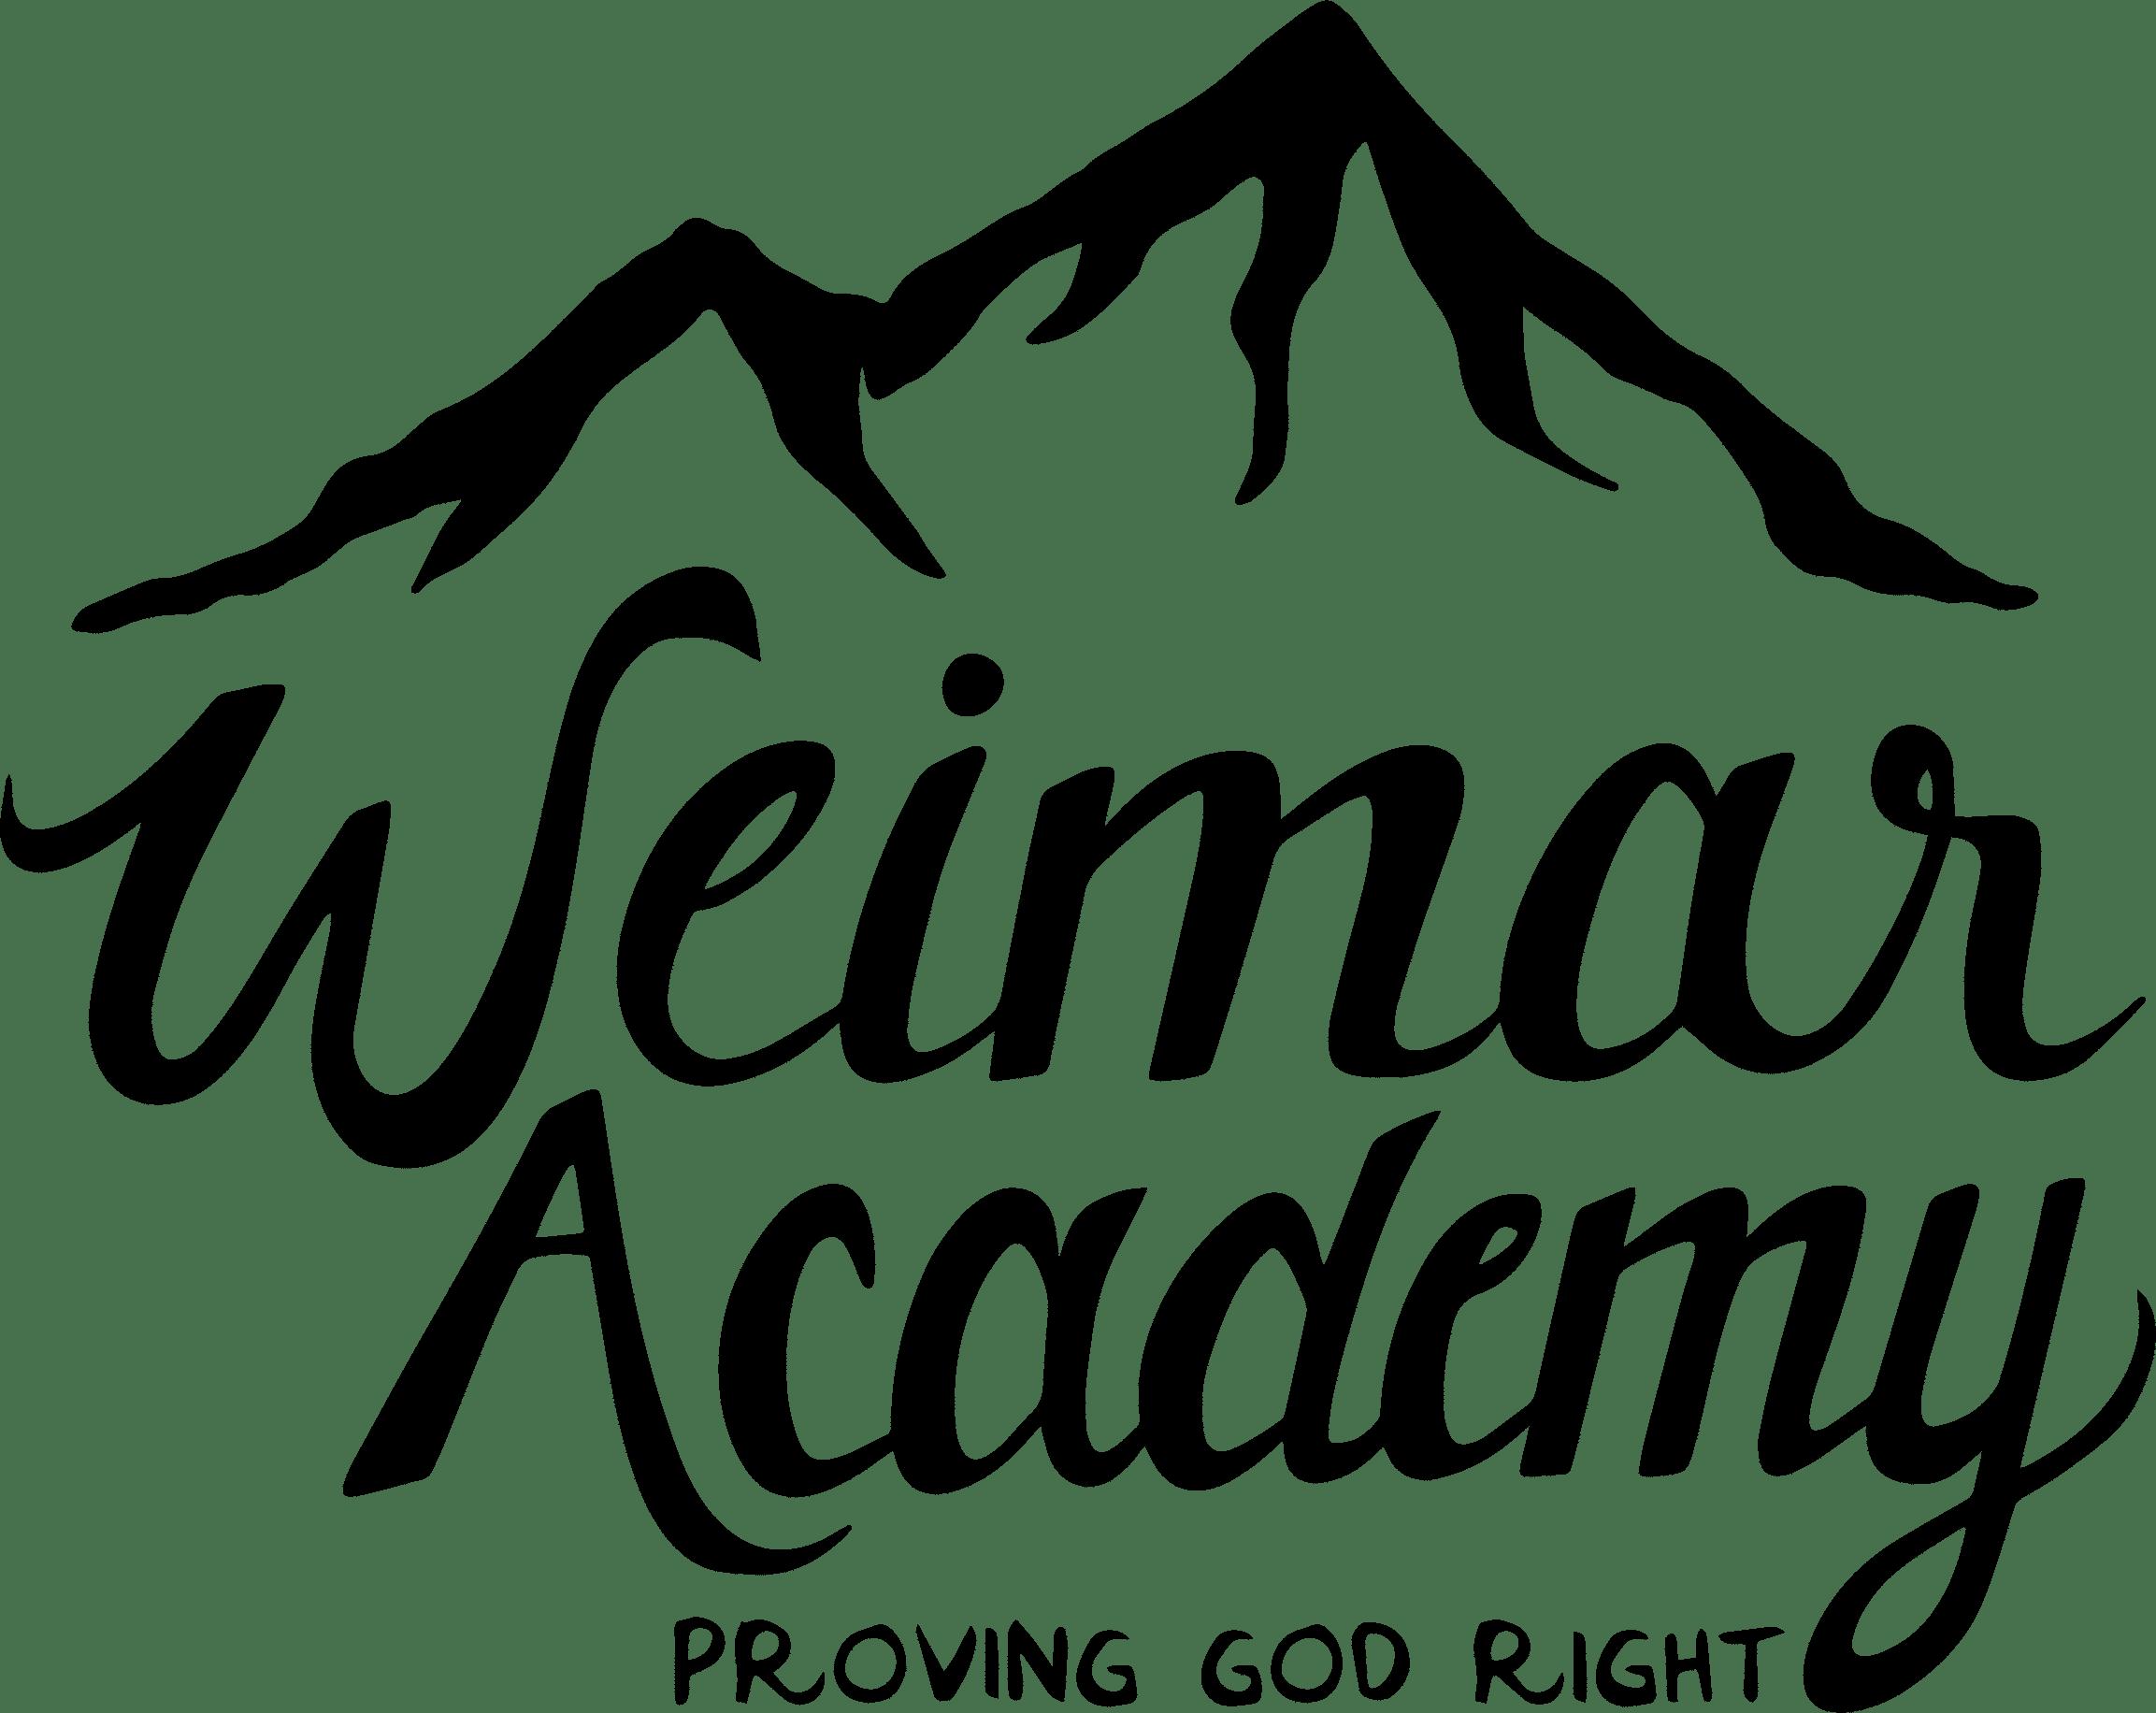 Weimar Academy